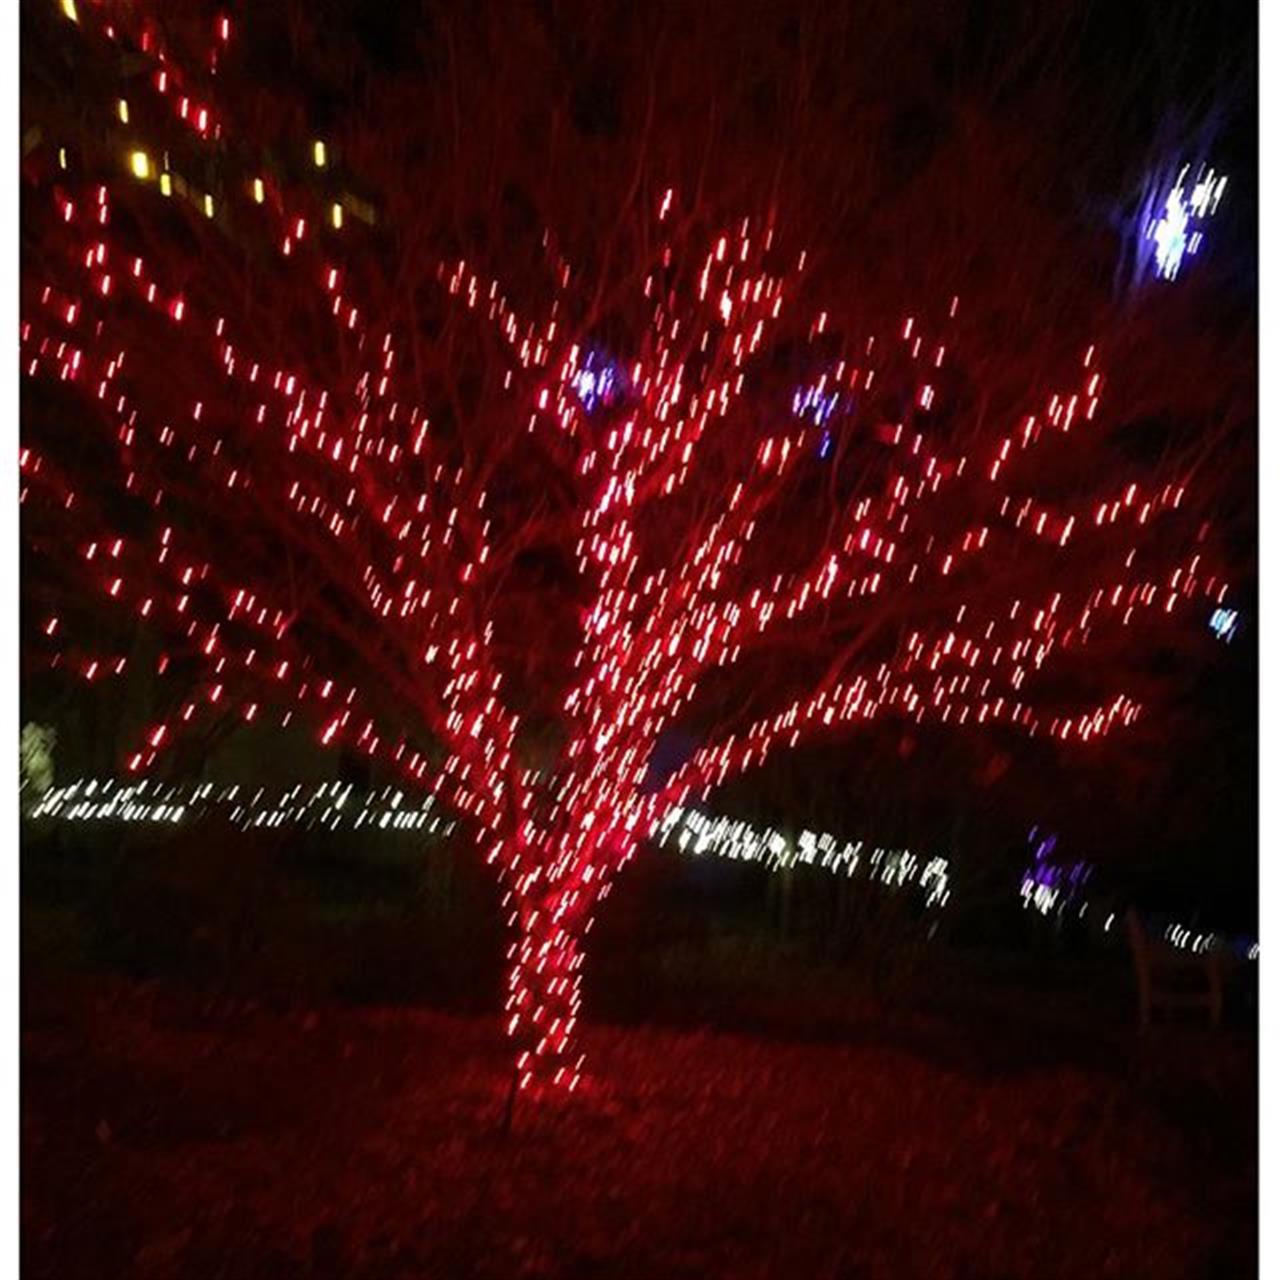 #tower hill #botanicalgardens #holidaylights #boylstonma #leadingrelocal